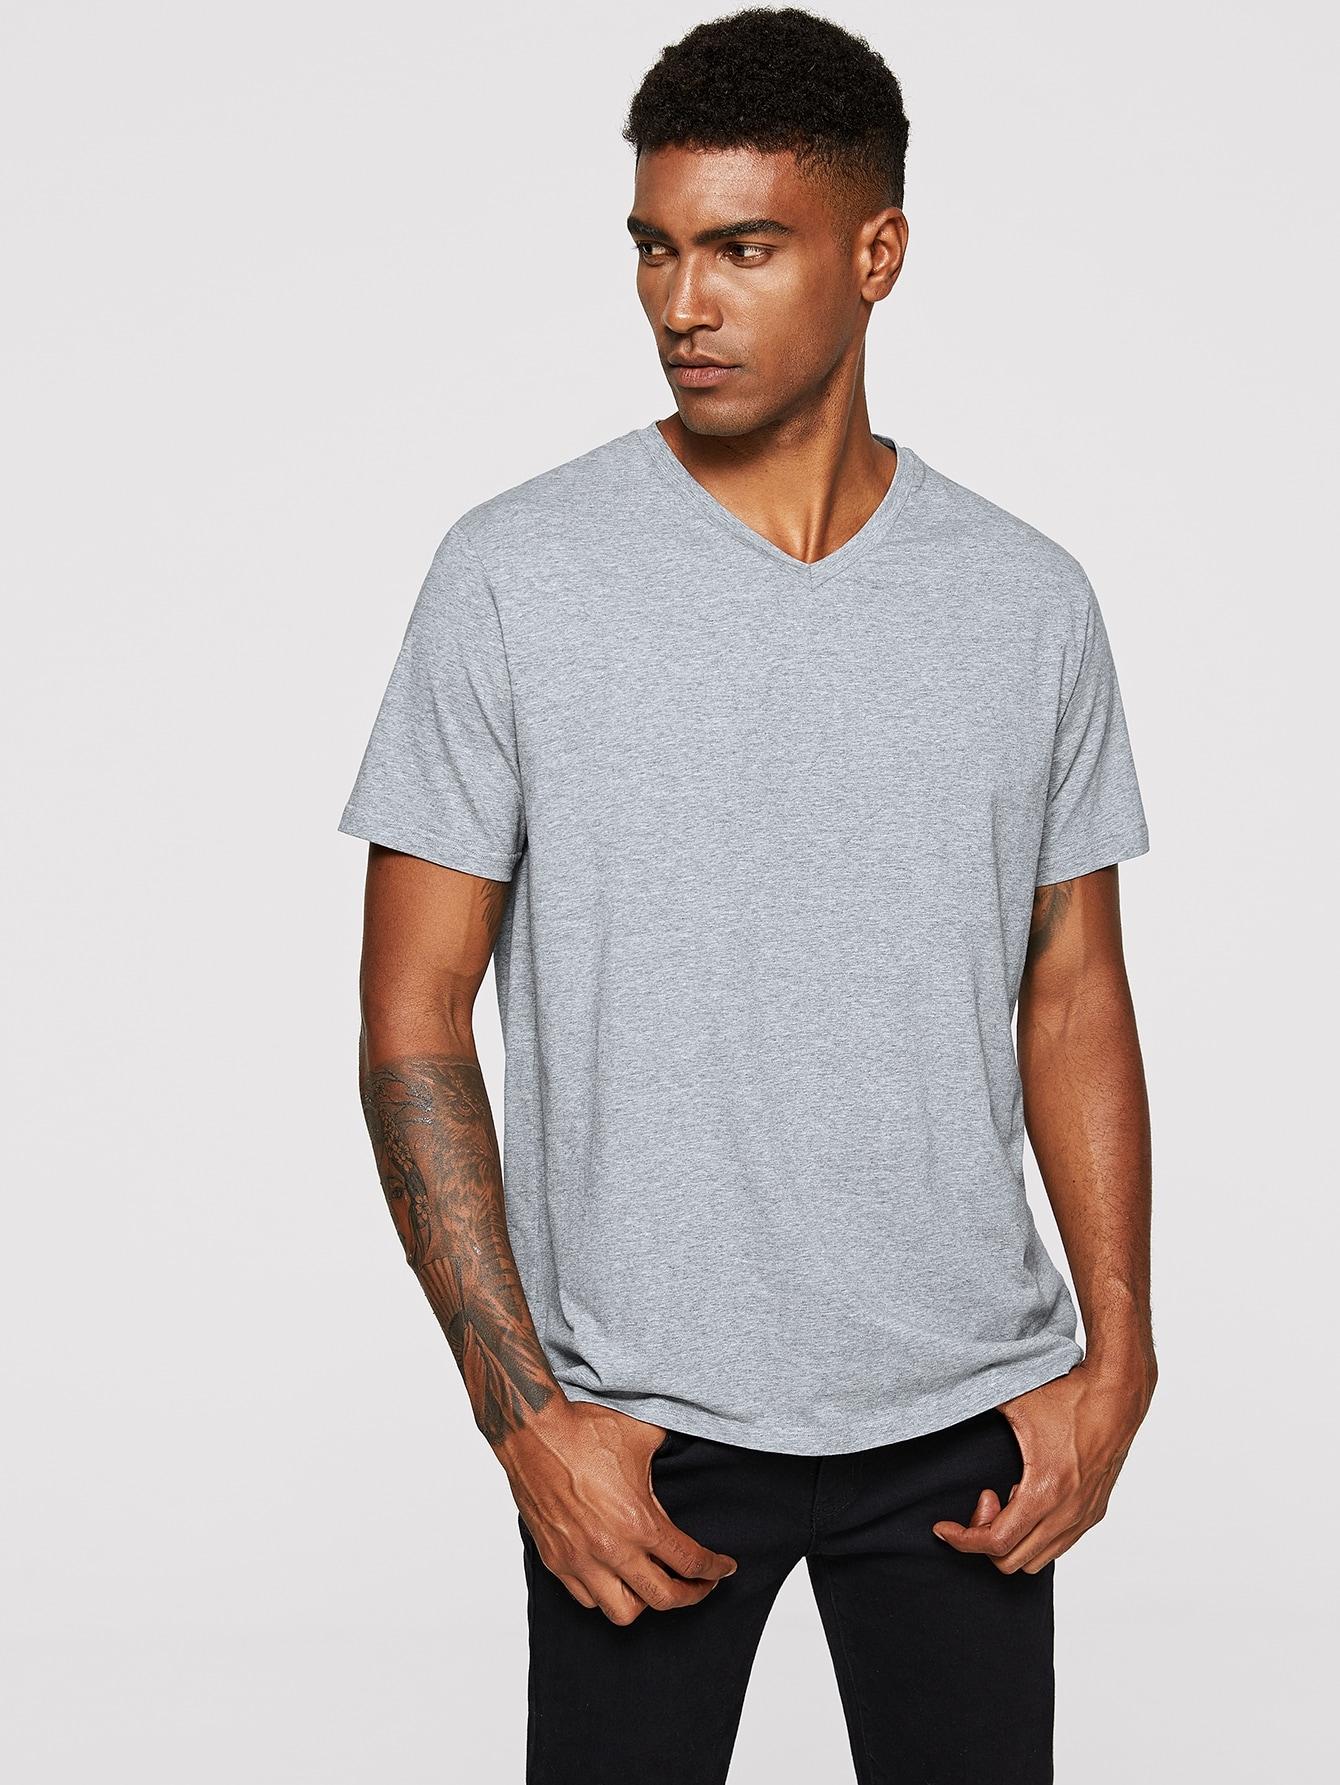 Купить Мужская футболка с V-образным вырезом, Johnn Silva, SheIn